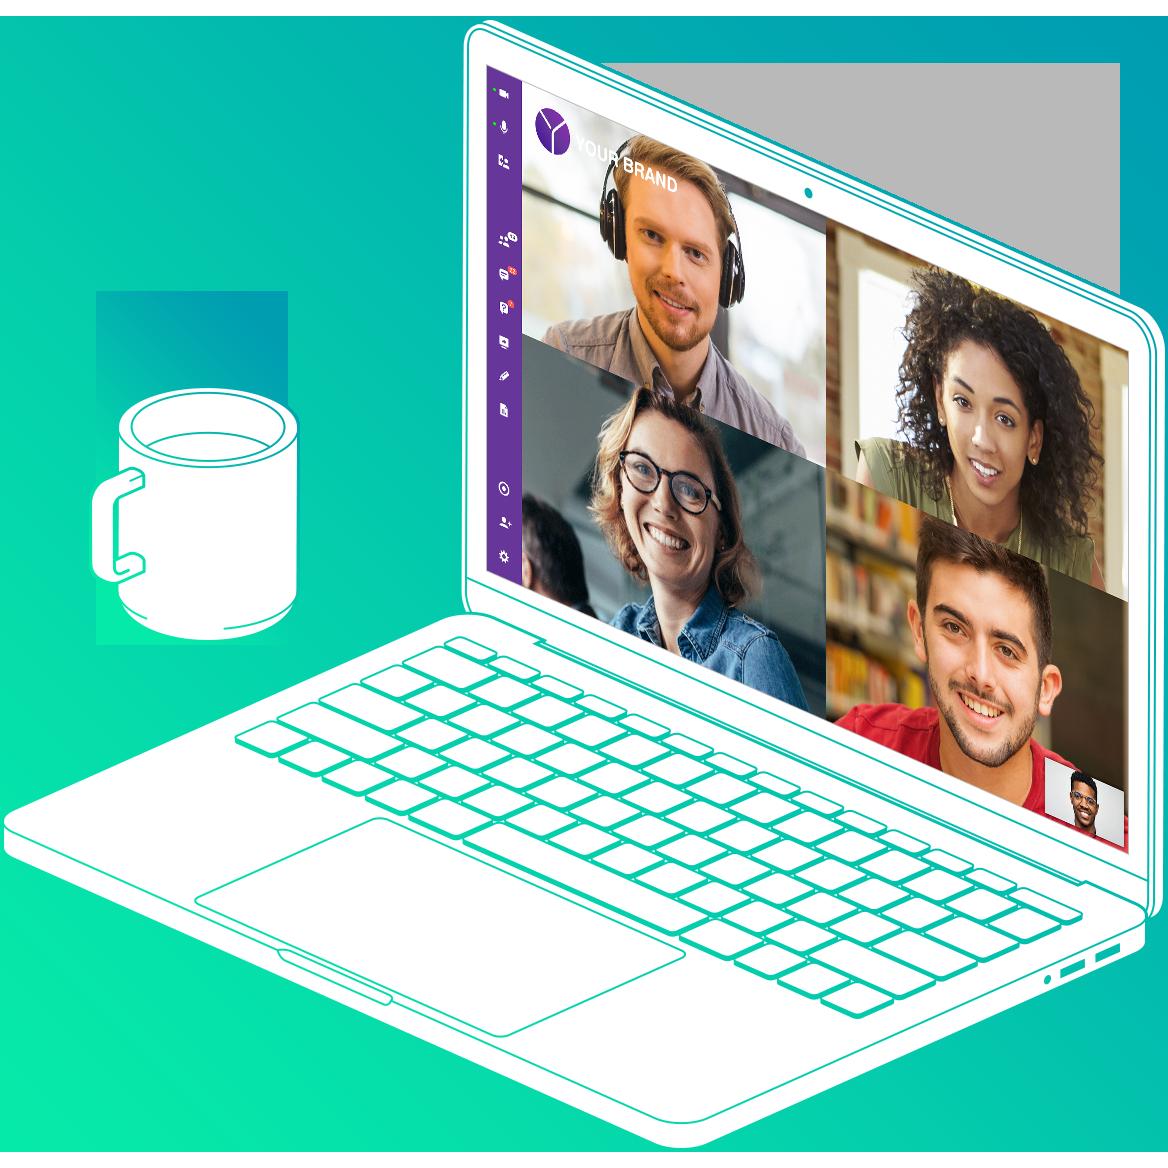 oem_laptop